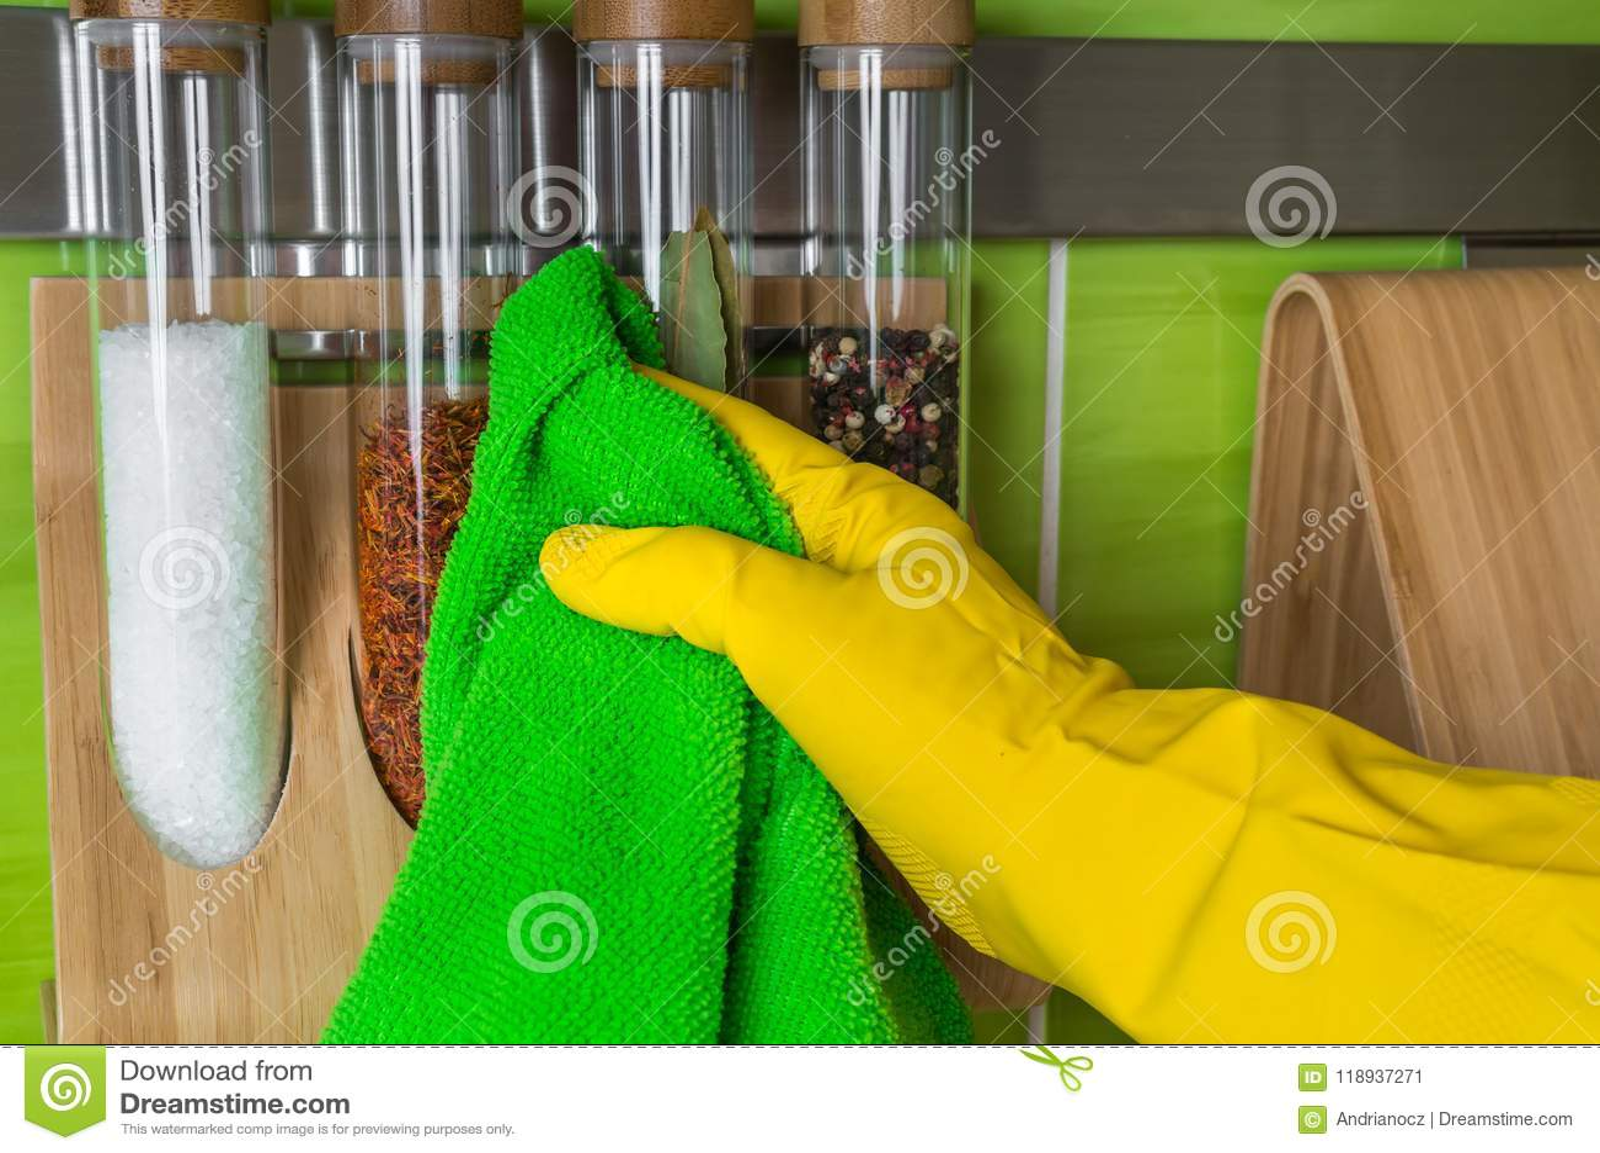 在手套的手与绿色旧布抹香料瓶